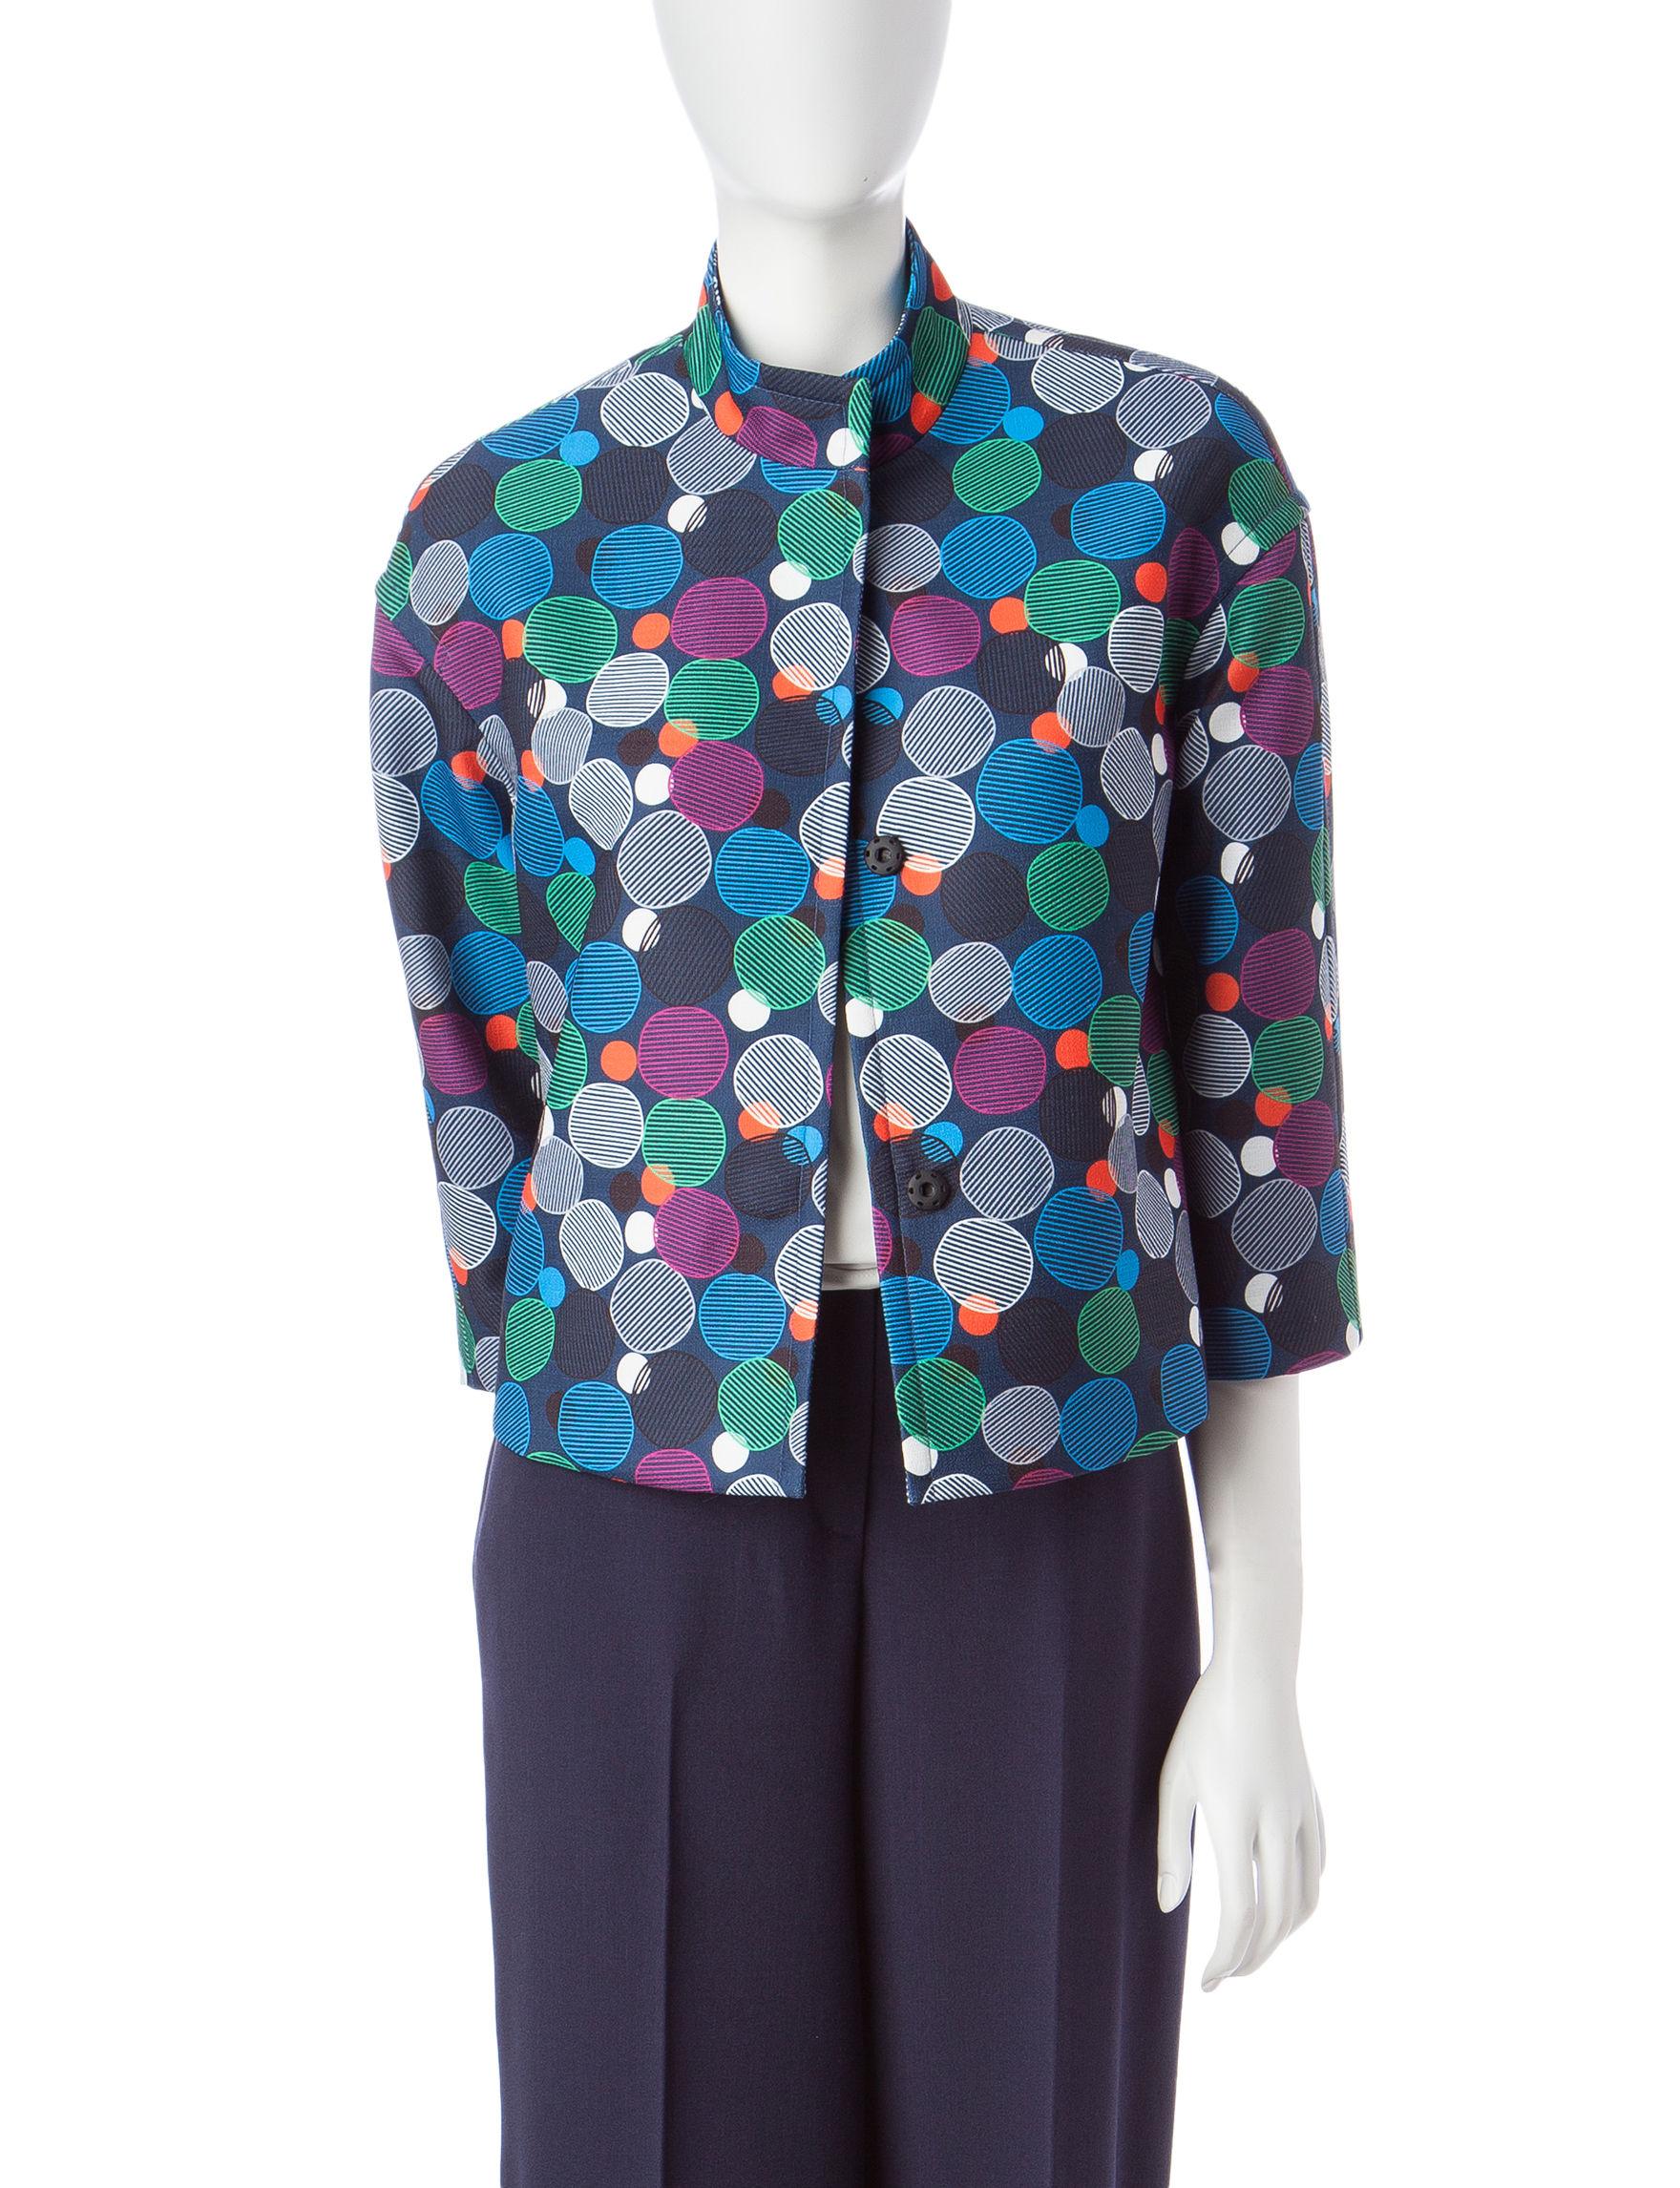 Anne Klein Navy Multi Lightweight Jackets & Blazers